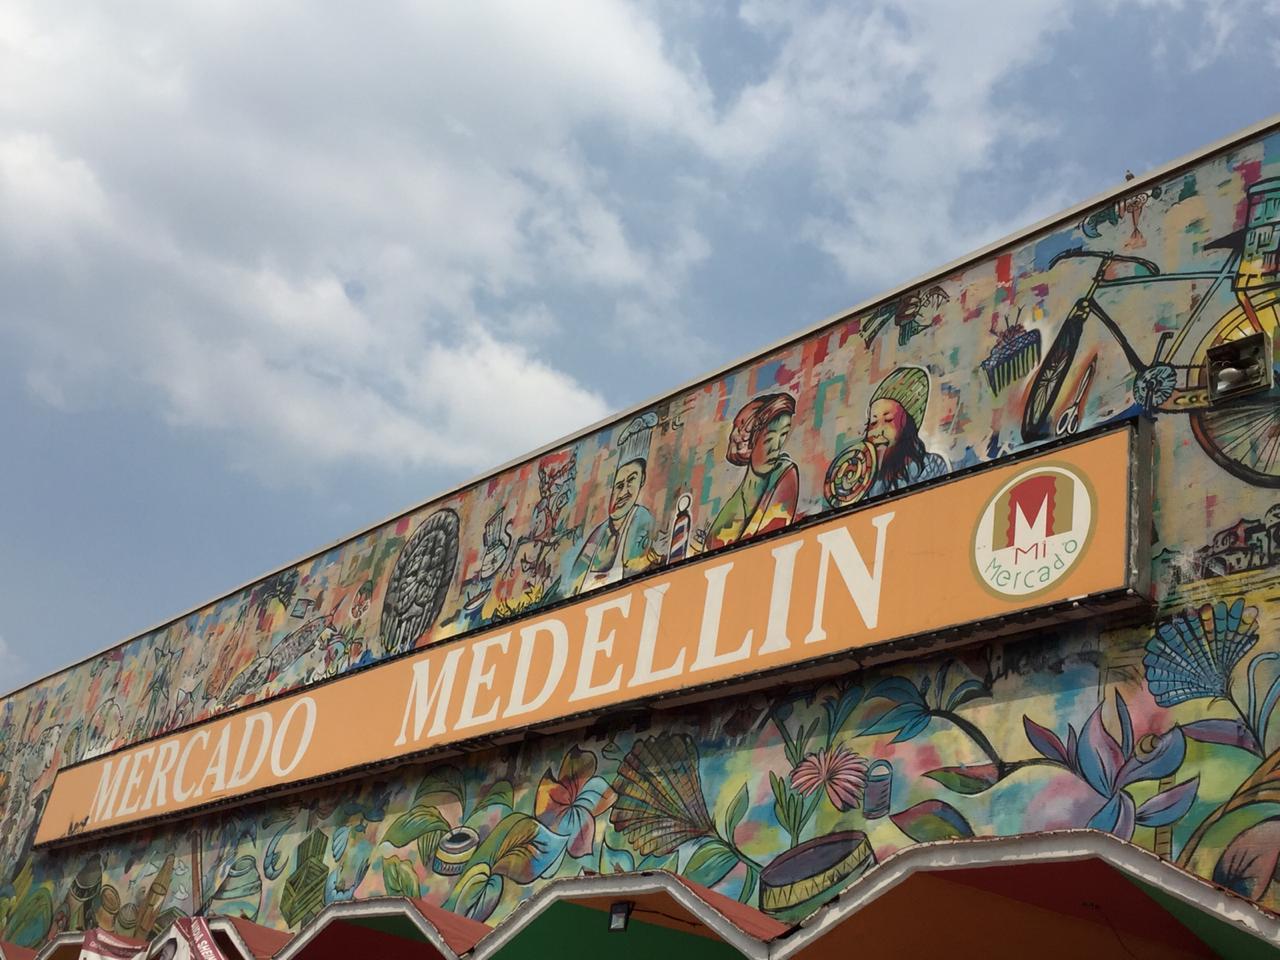 Mercado Medellin 30